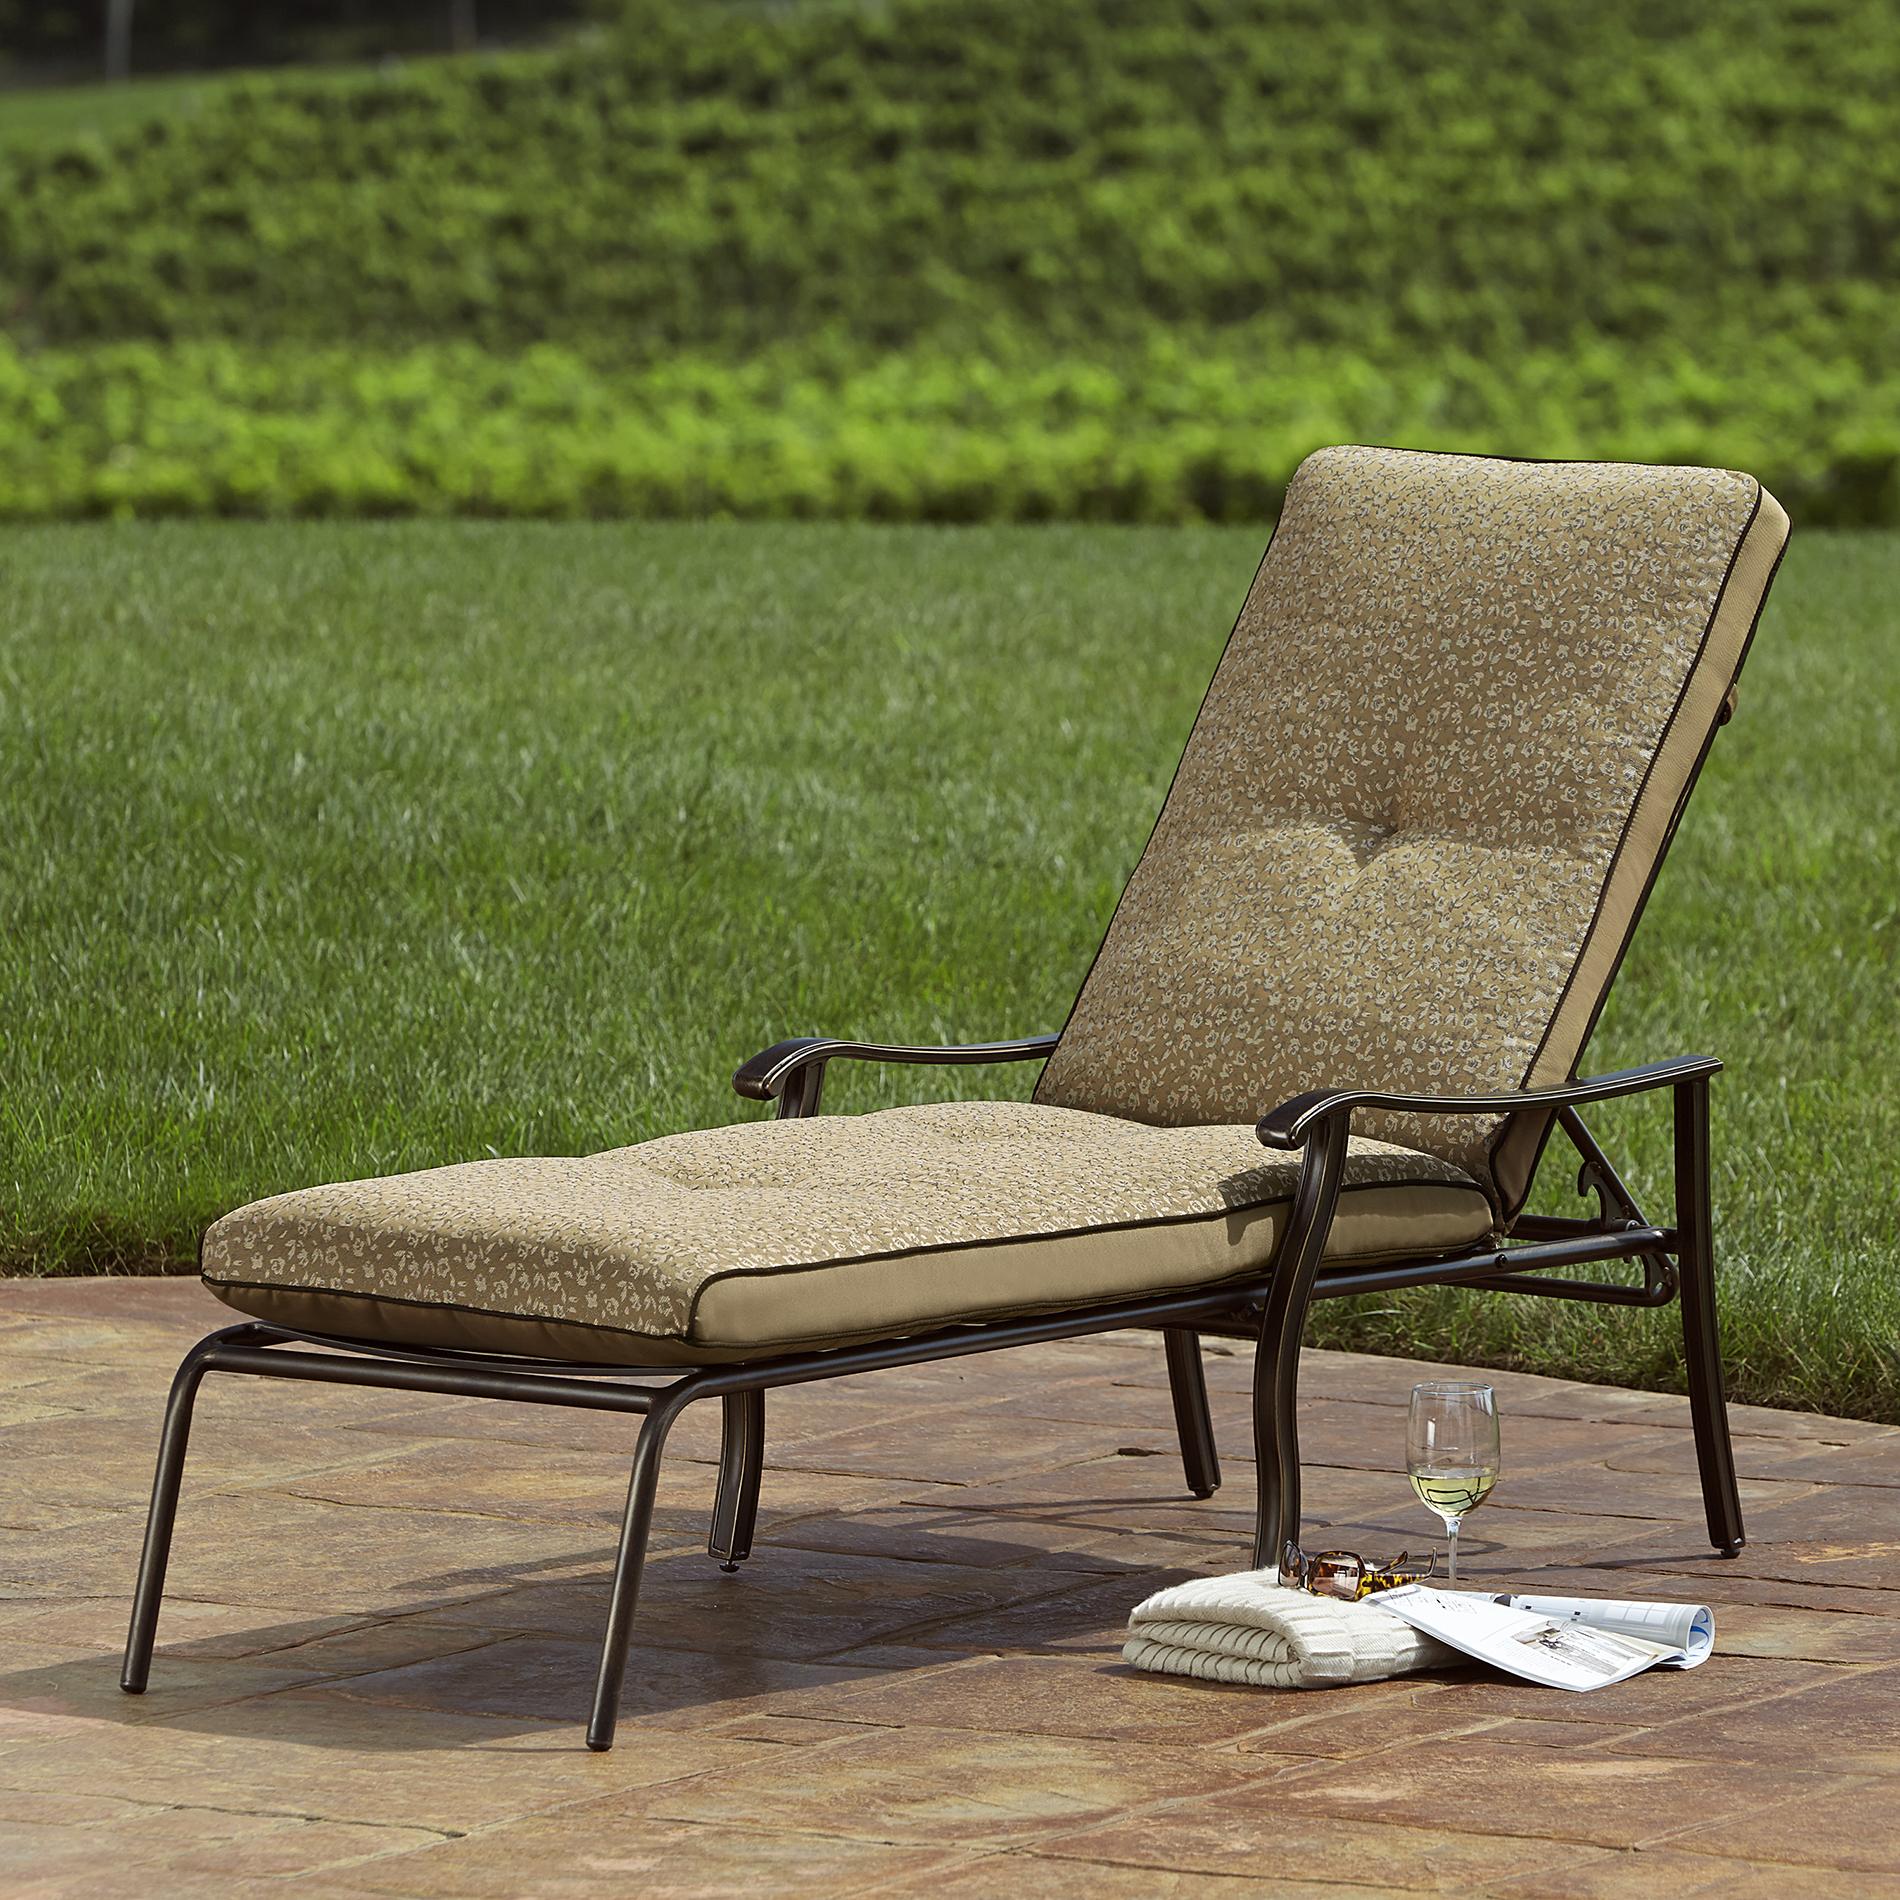 sun lounge chairs kmart silver desk chair agio international fair oaks cushioned chaise shop your